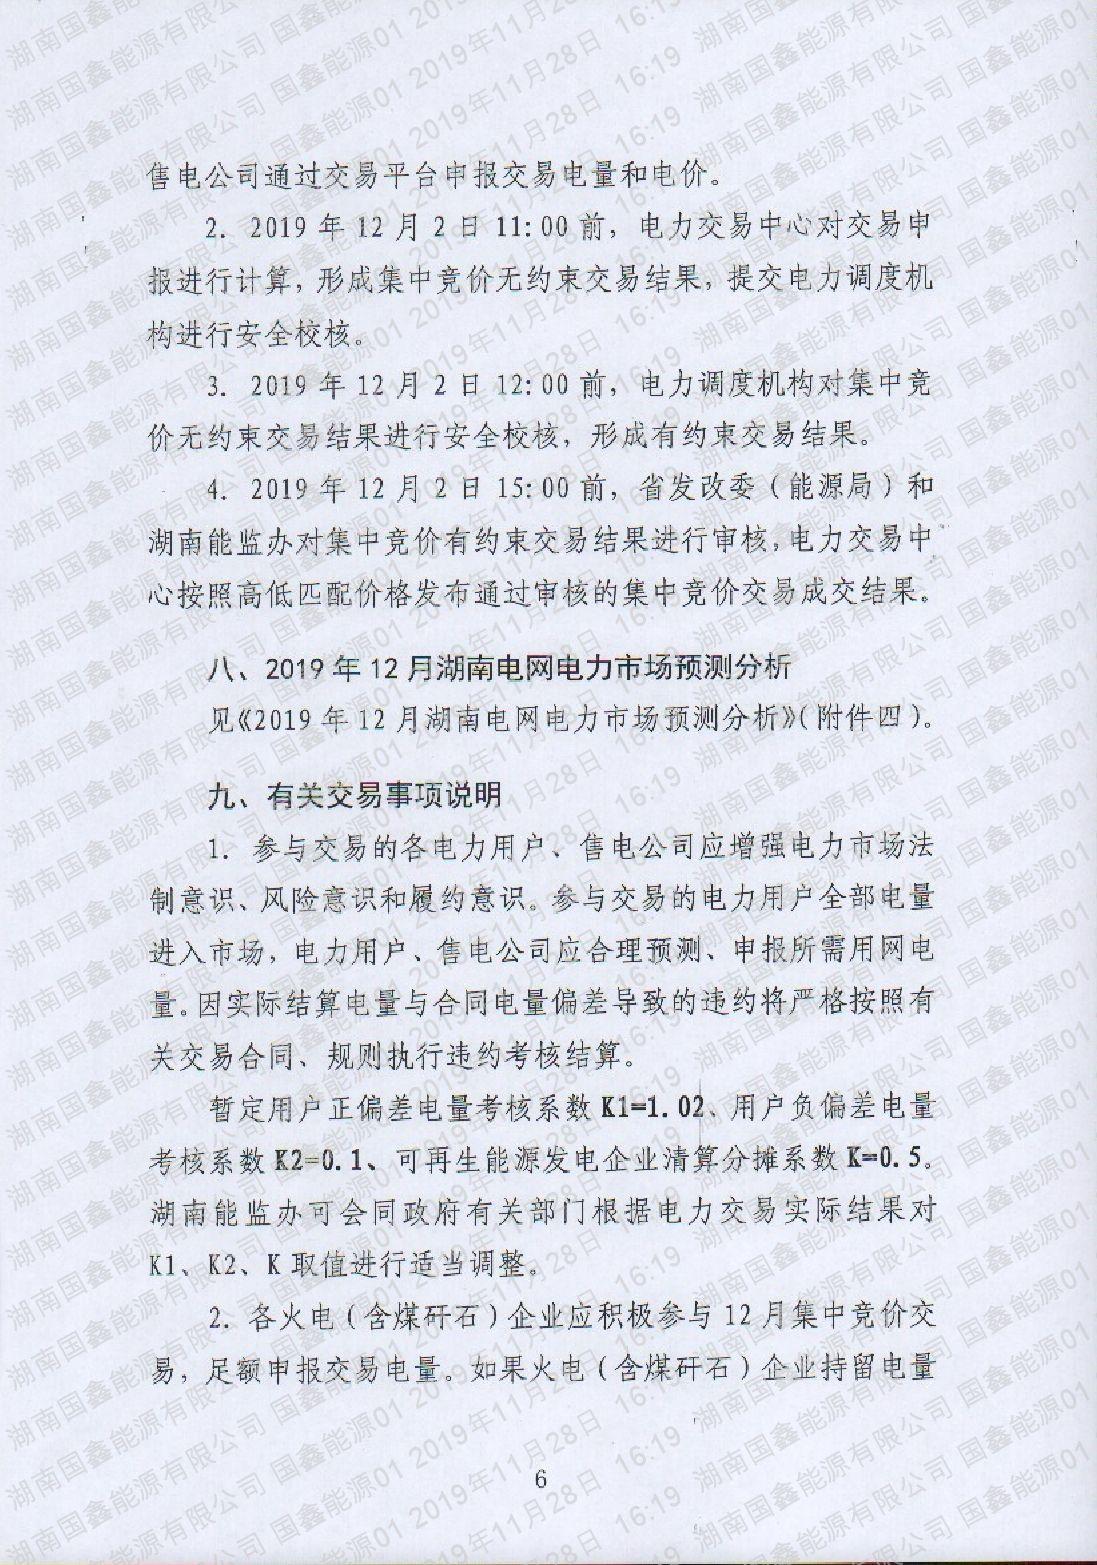 2019年第31號交易公告(12月月度交易).pdf_page_6_compressed.jpg